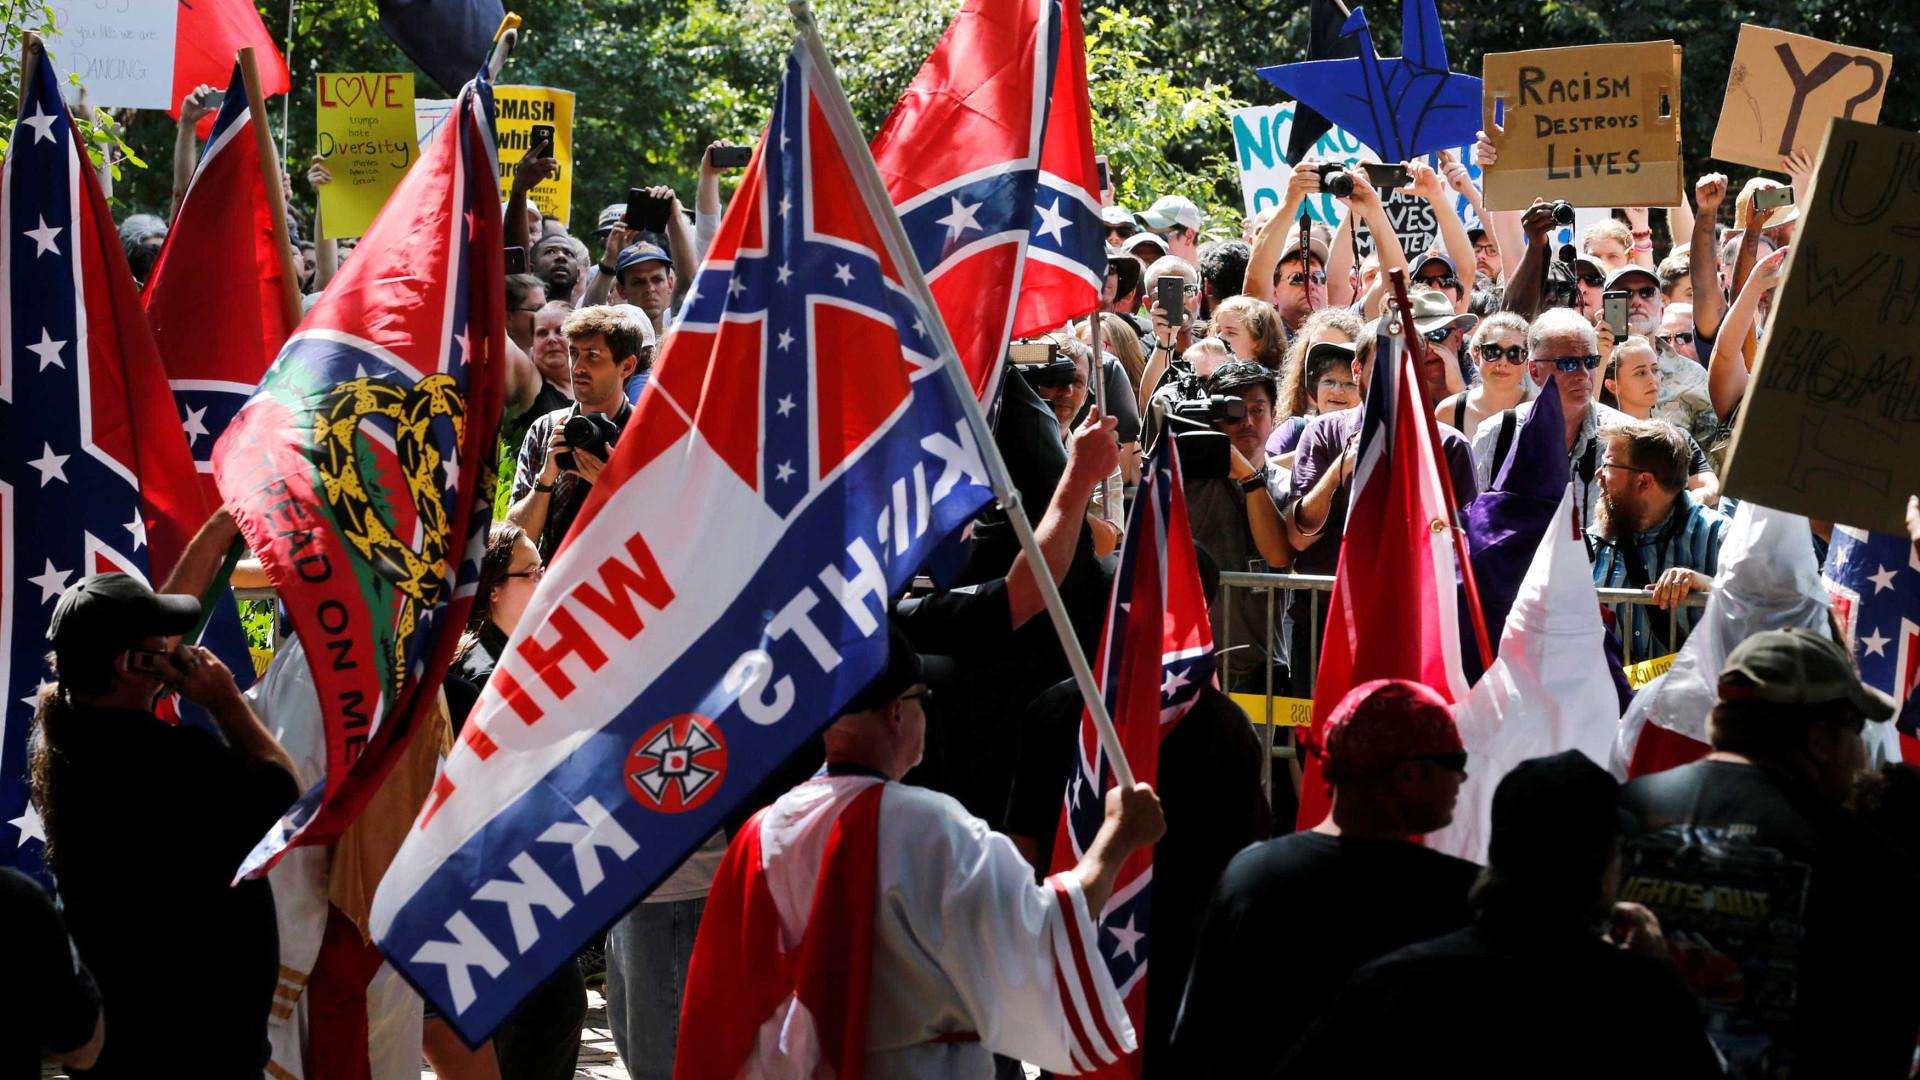 Estado de emergência na Vírgina devido a marcha de brancos supremacistas